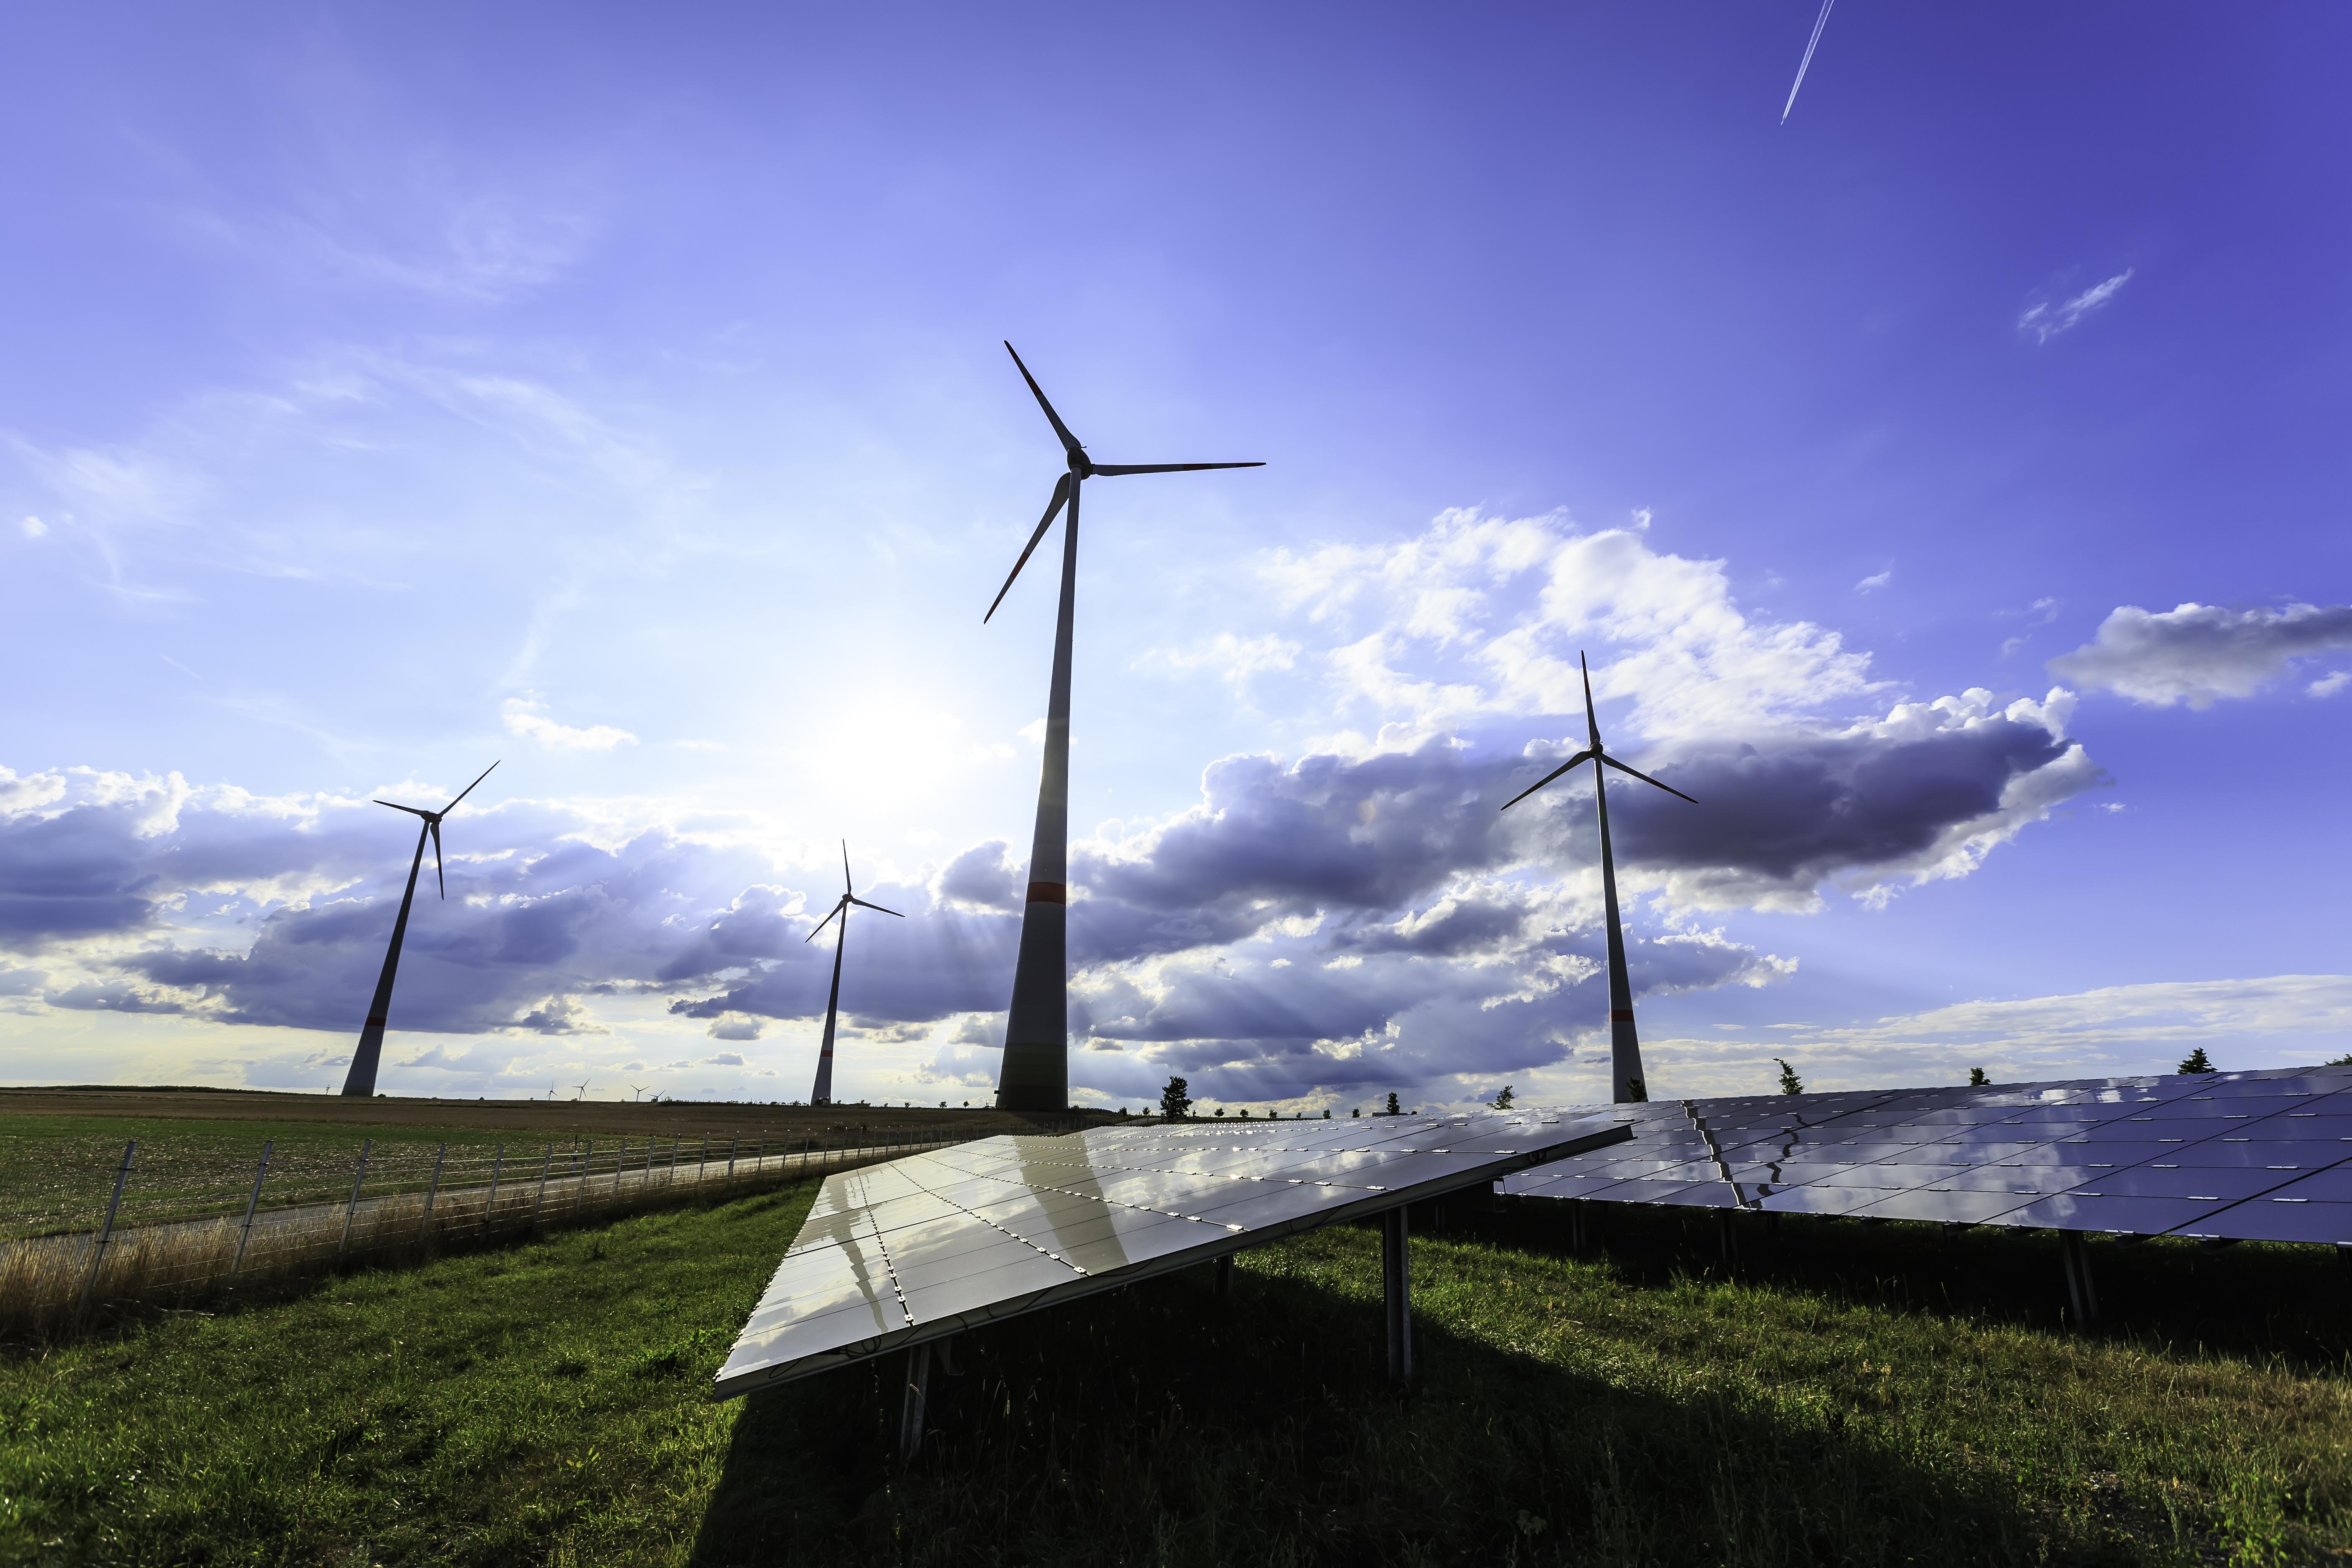 Vieweg: Neuer Schub für Energiewende